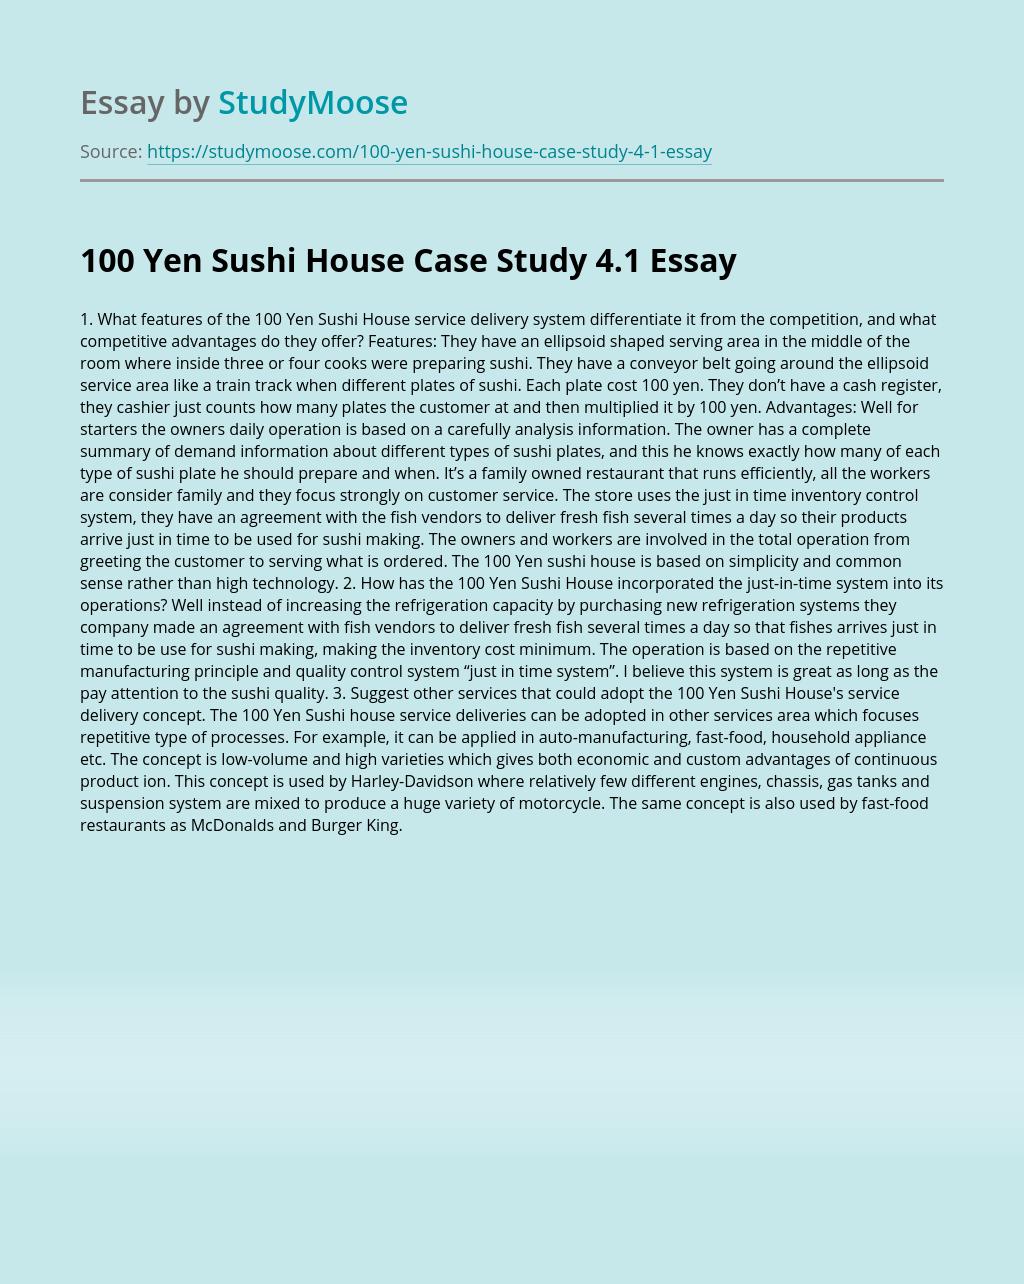 100 Yen Sushi House Case Study 4.1